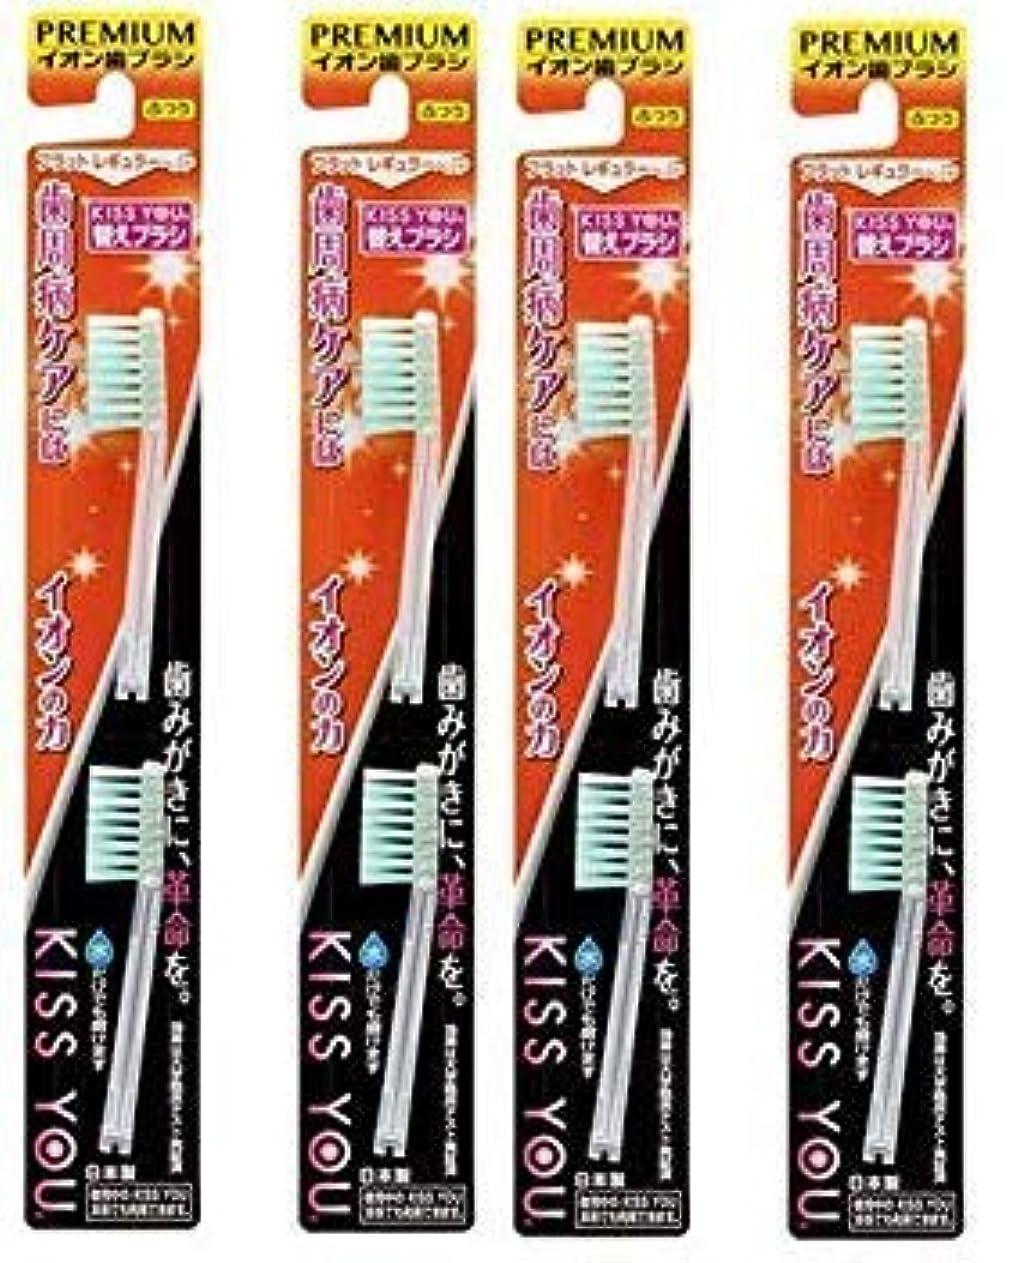 タップくすぐったい母フクバデンタル イオン歯ブラシ KISS YOU(キスユー)替えブラシ フラットレギュラー ふつう 8本(2本入4セット)